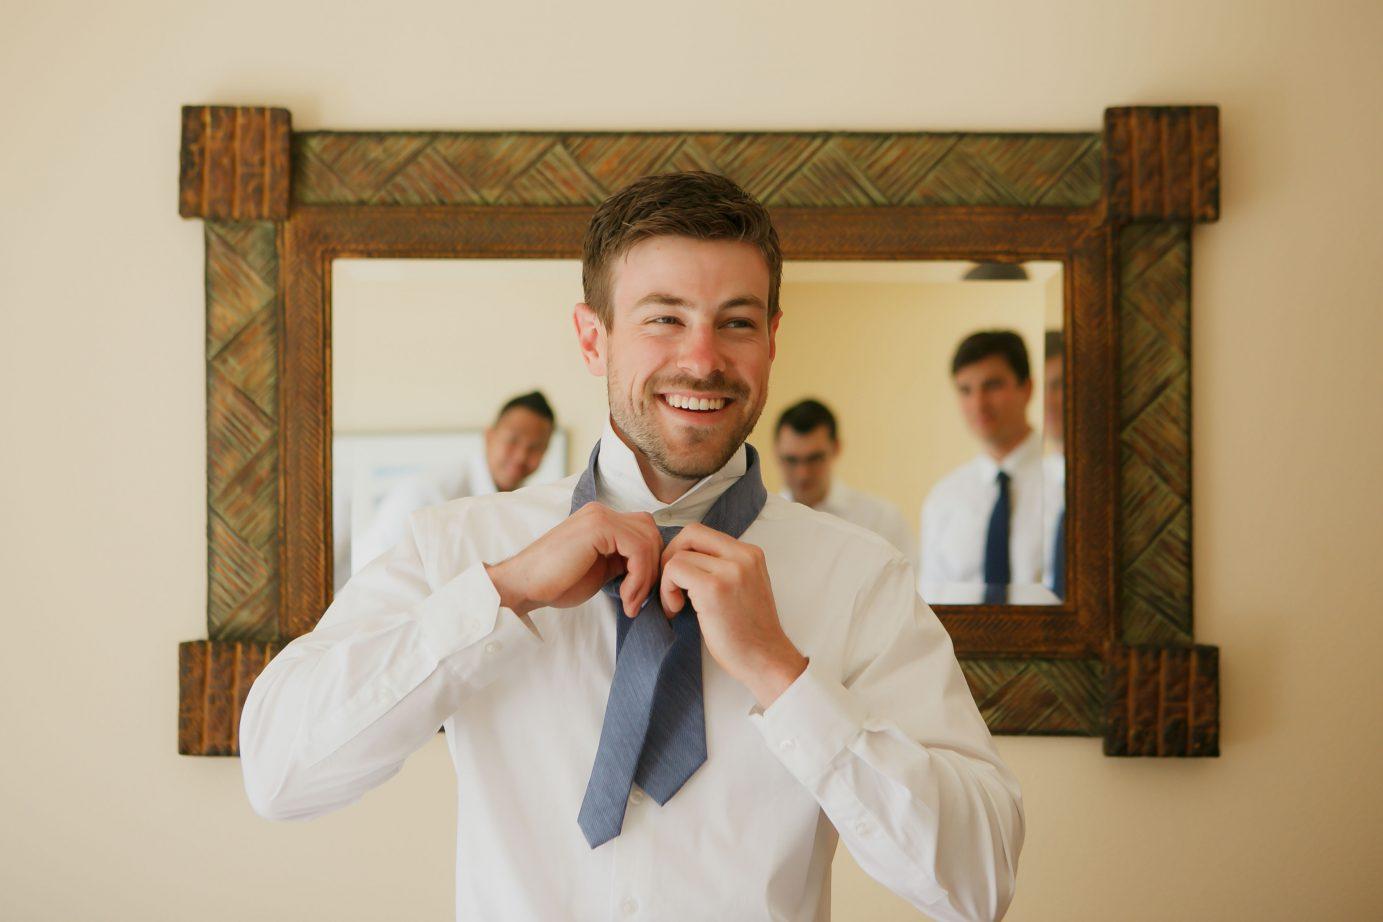 roche-harbor-wedding-groomsmen-groom-tying-tie